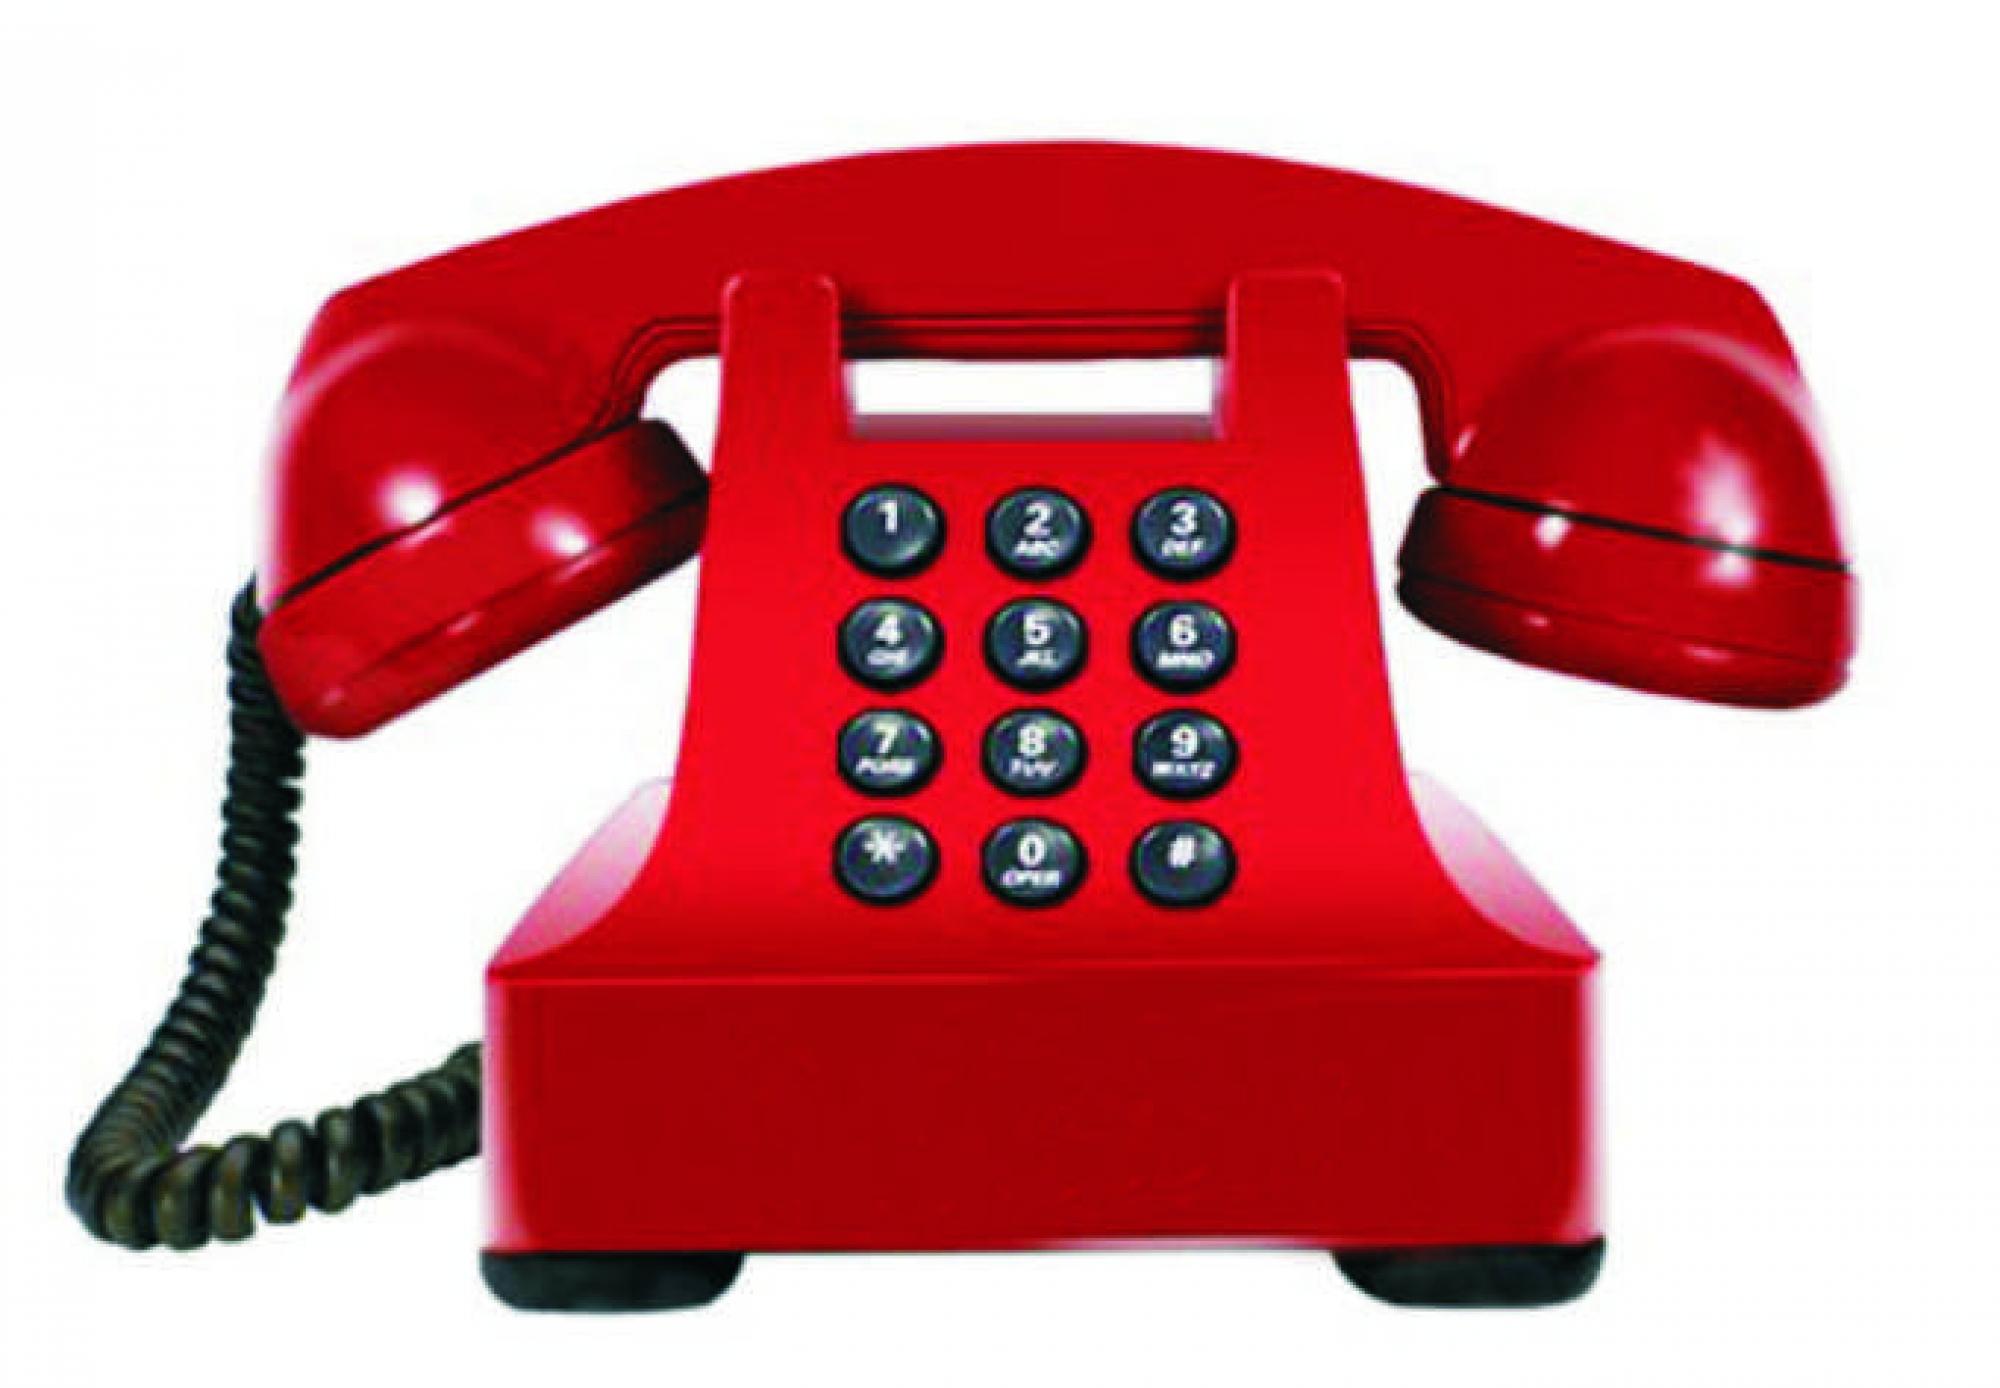 Телефоные намера девочек 4 фотография